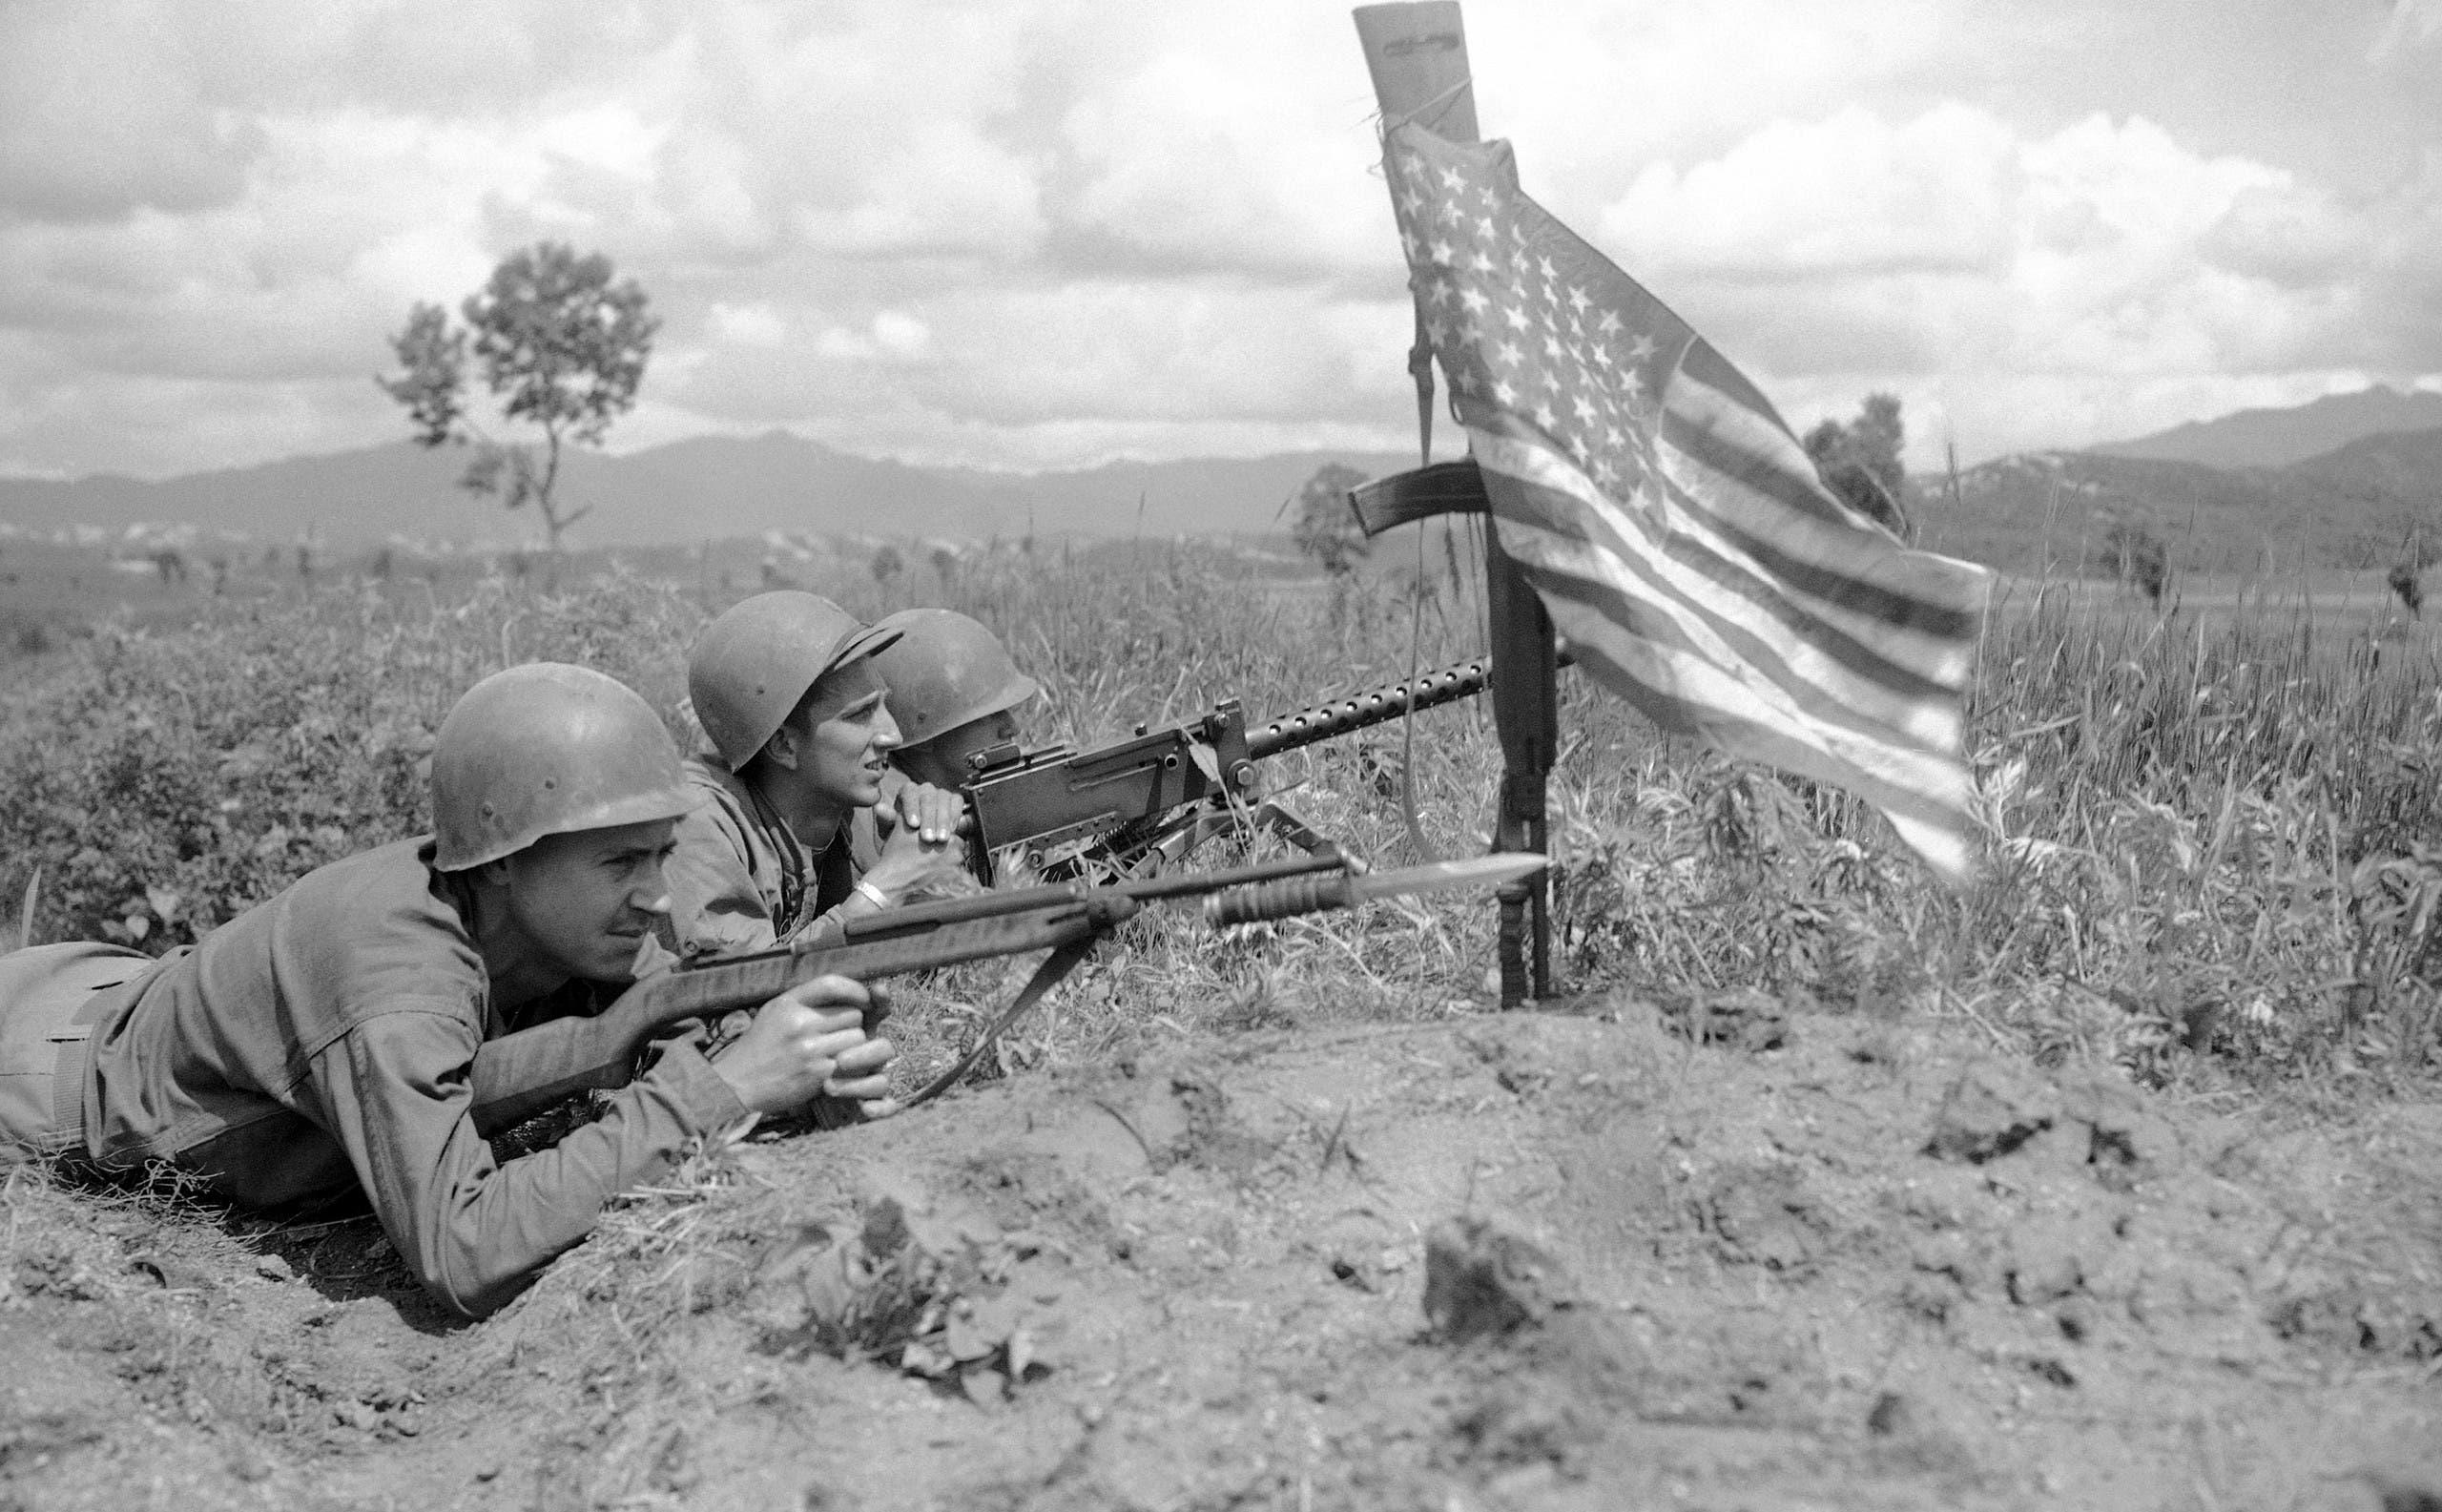 جنود أميركيون شاركوا بالحرب الكورية بالقرن الماضي